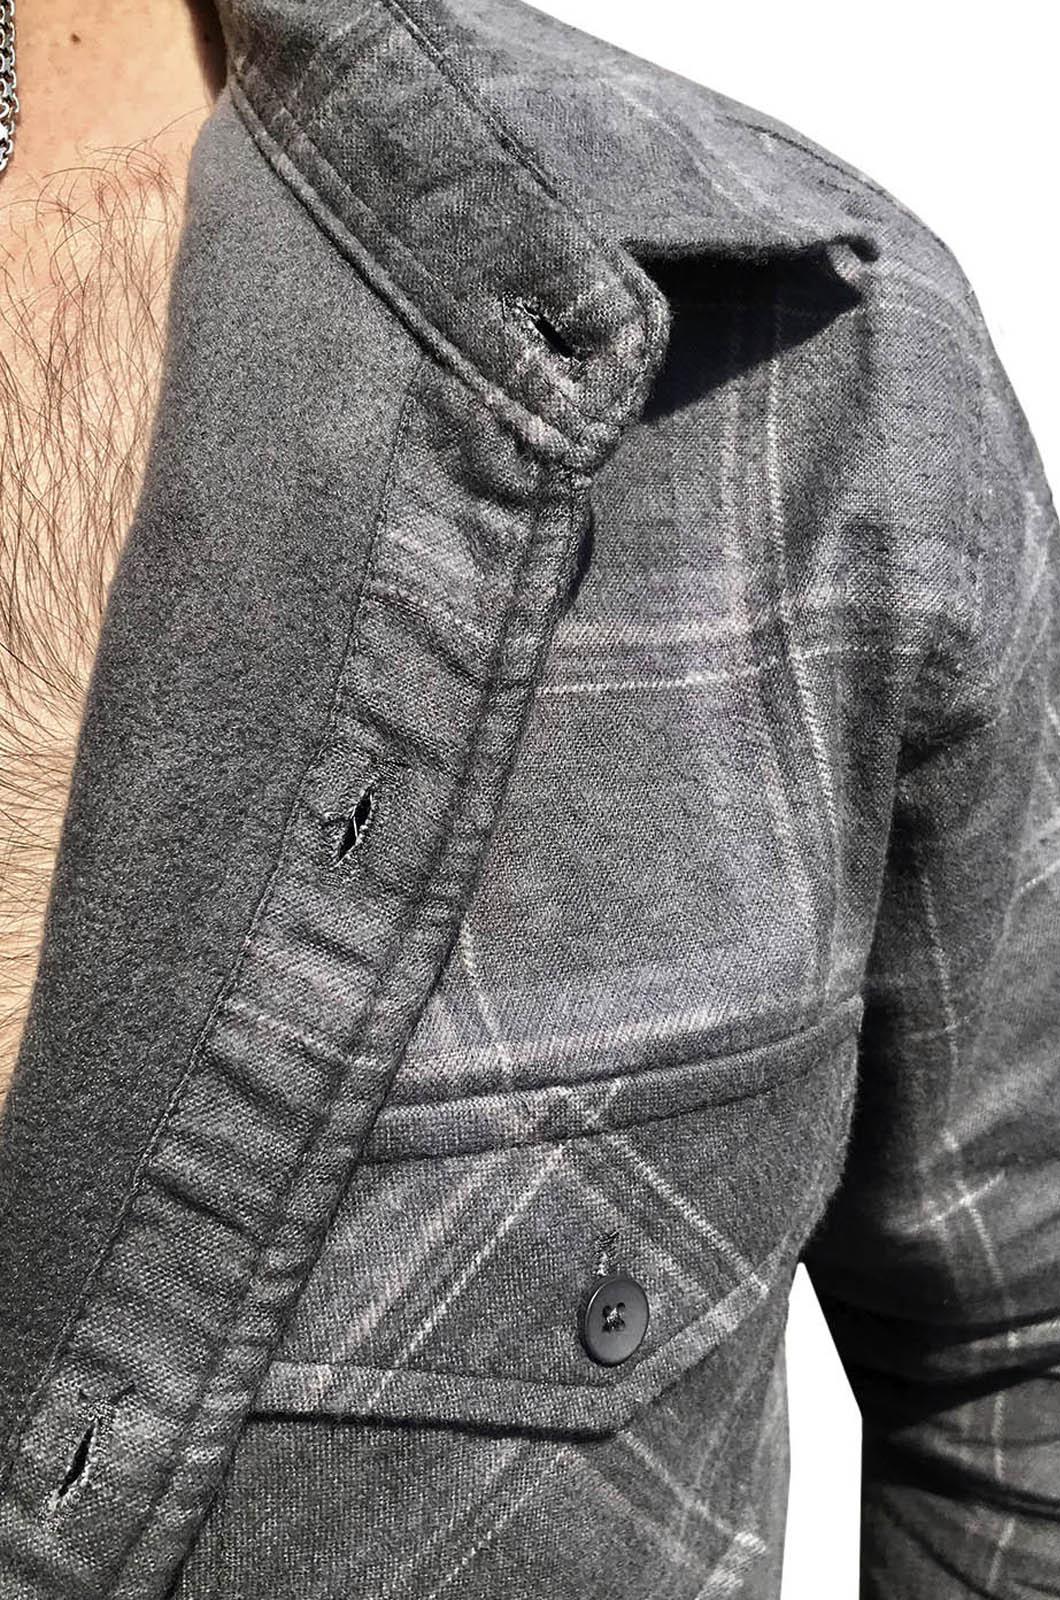 Рубашка пограничника с эмблемой ФСП купить выгодно